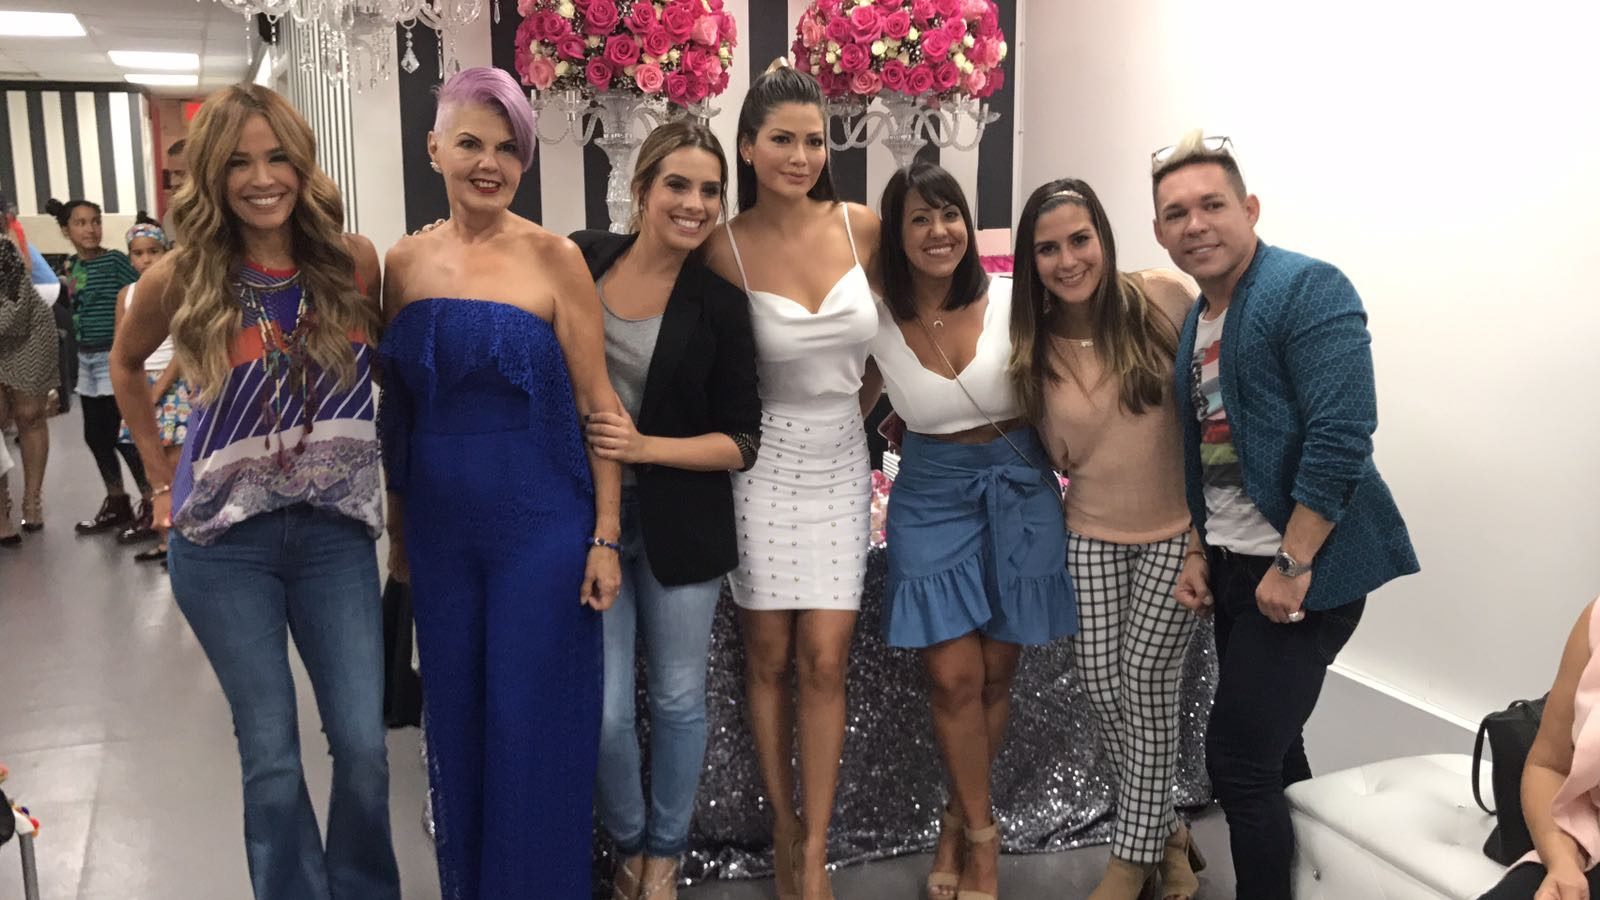 eafcc7b2d Fotos exclusivas  Ana Patricia abrió su propia boutique y todos sus amigos  la acompañaron